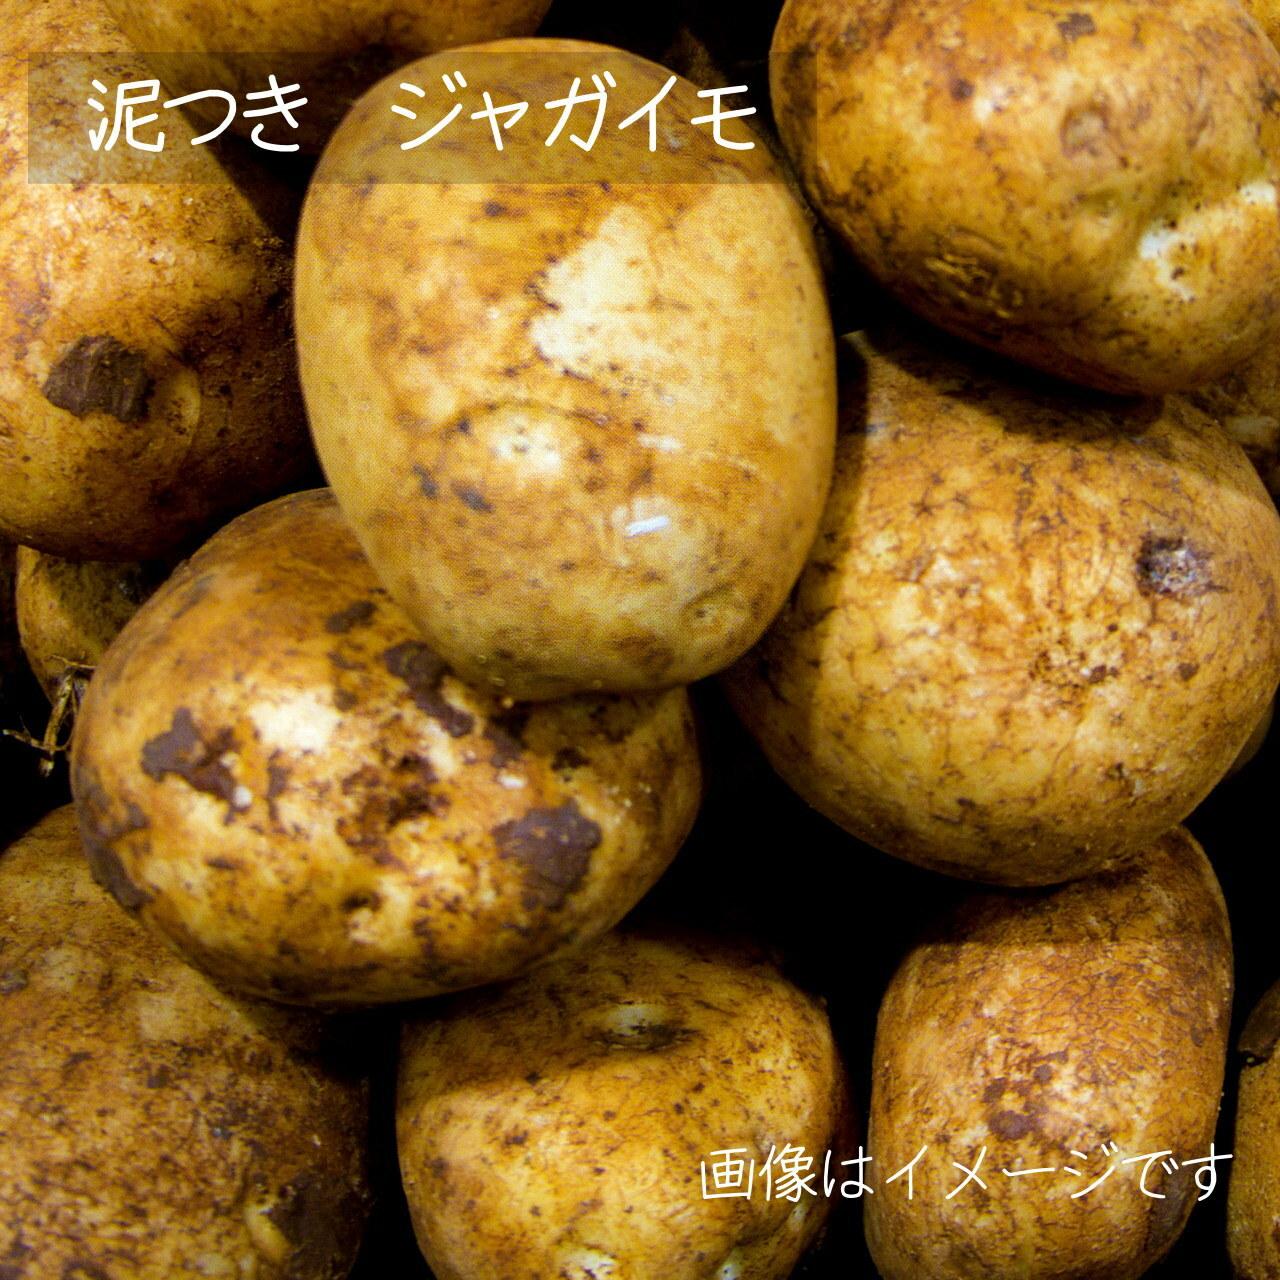 11月の朝採り直売野菜 : ジャガイモ 約600g 新鮮な秋野菜 11月16日発送予定